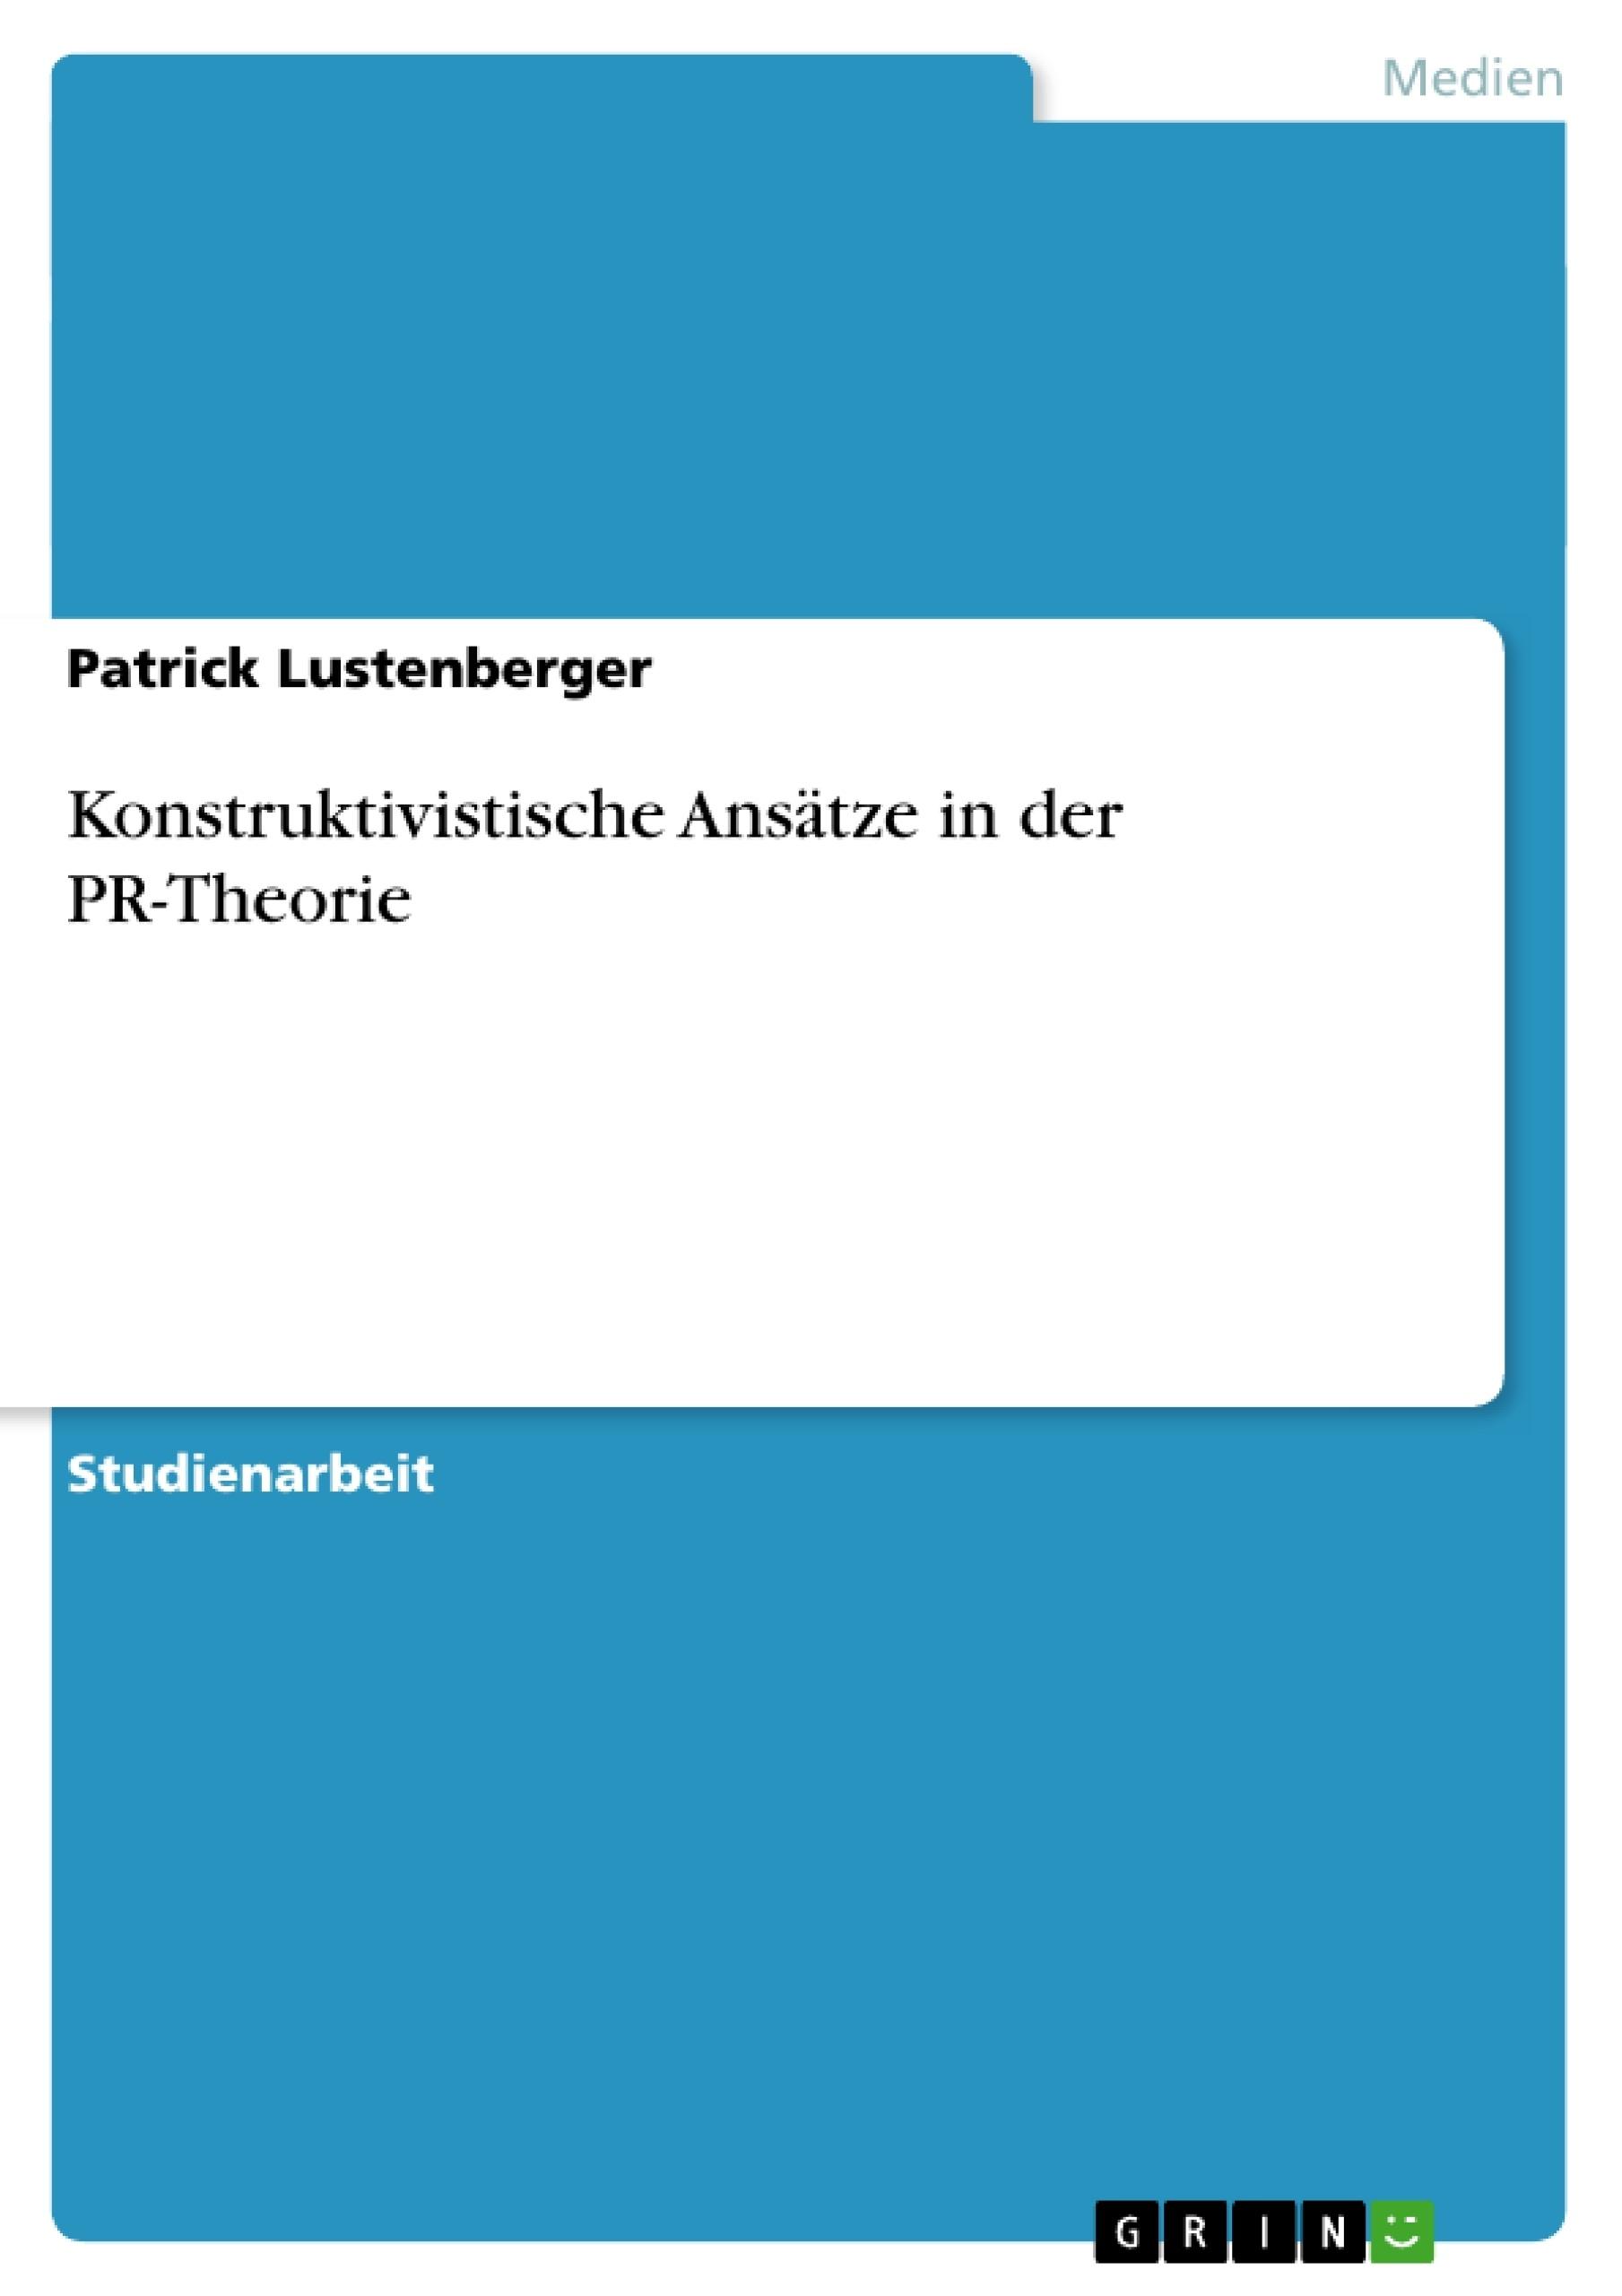 Titel: Konstruktivistische Ansätze in der PR-Theorie